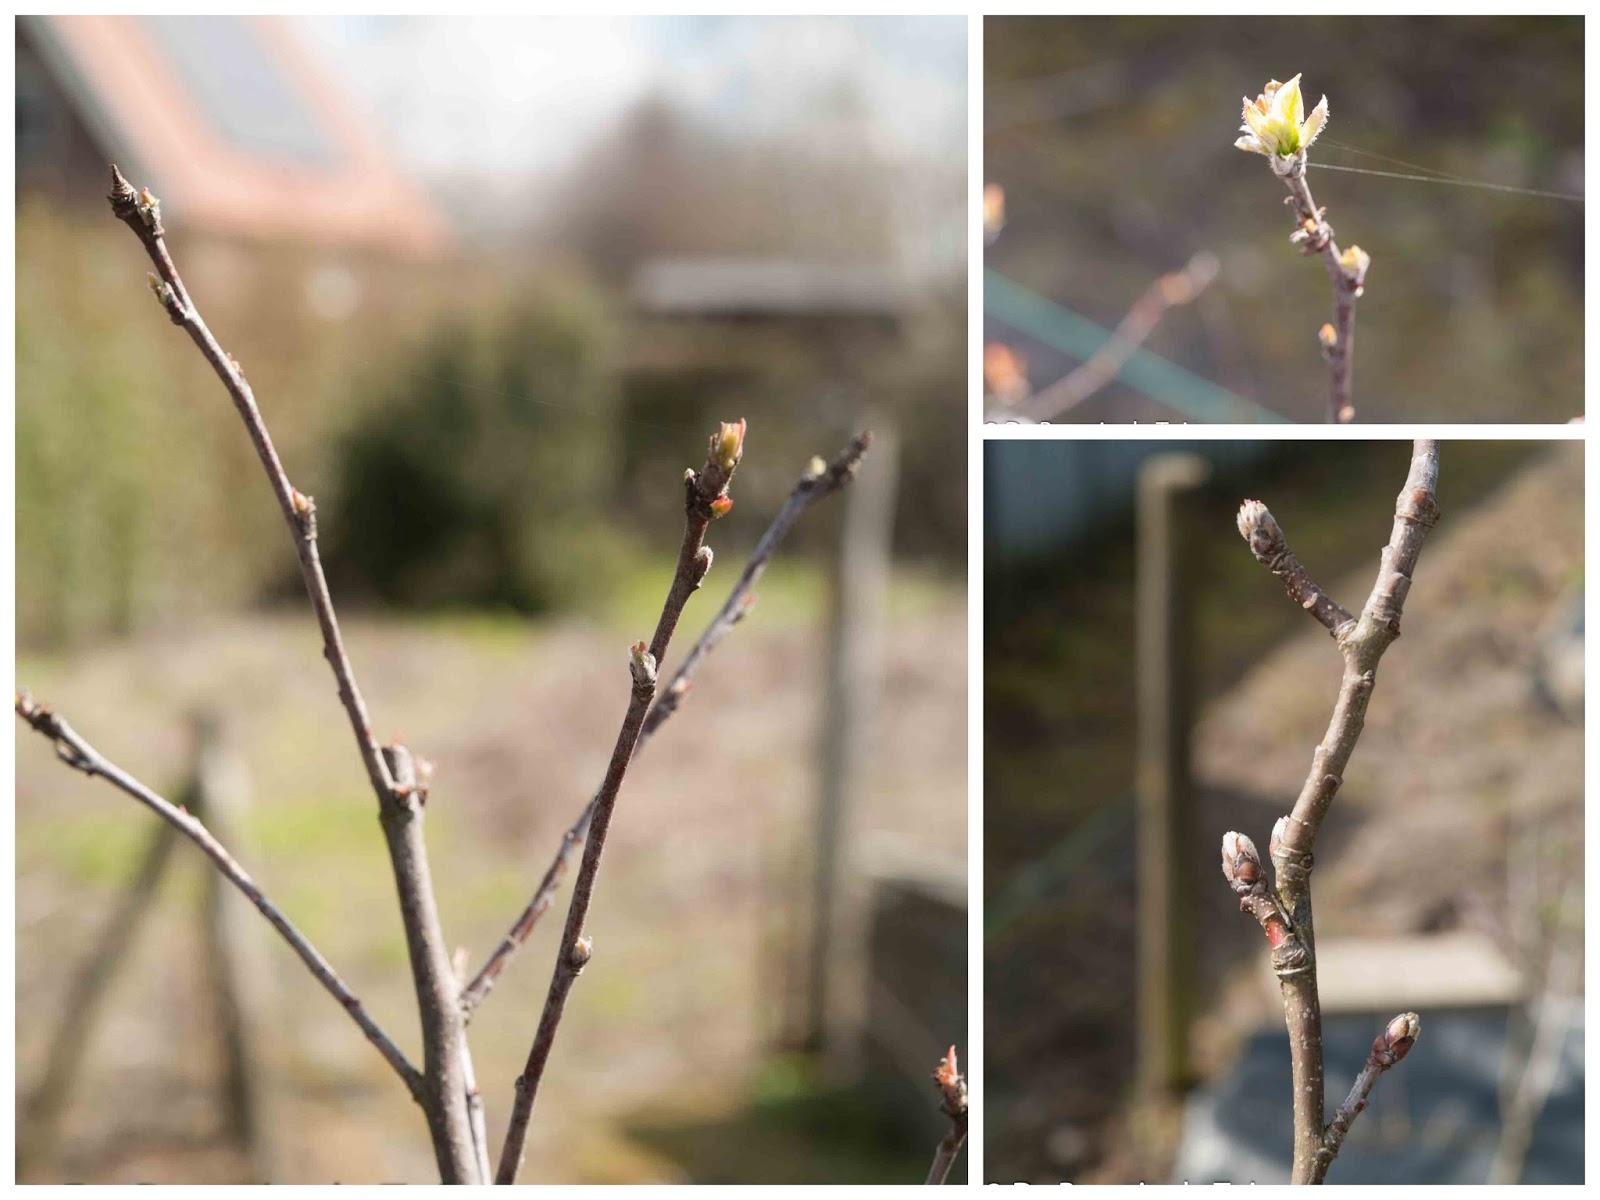 moestuin volkstuin lente voorjaar knoppen appel